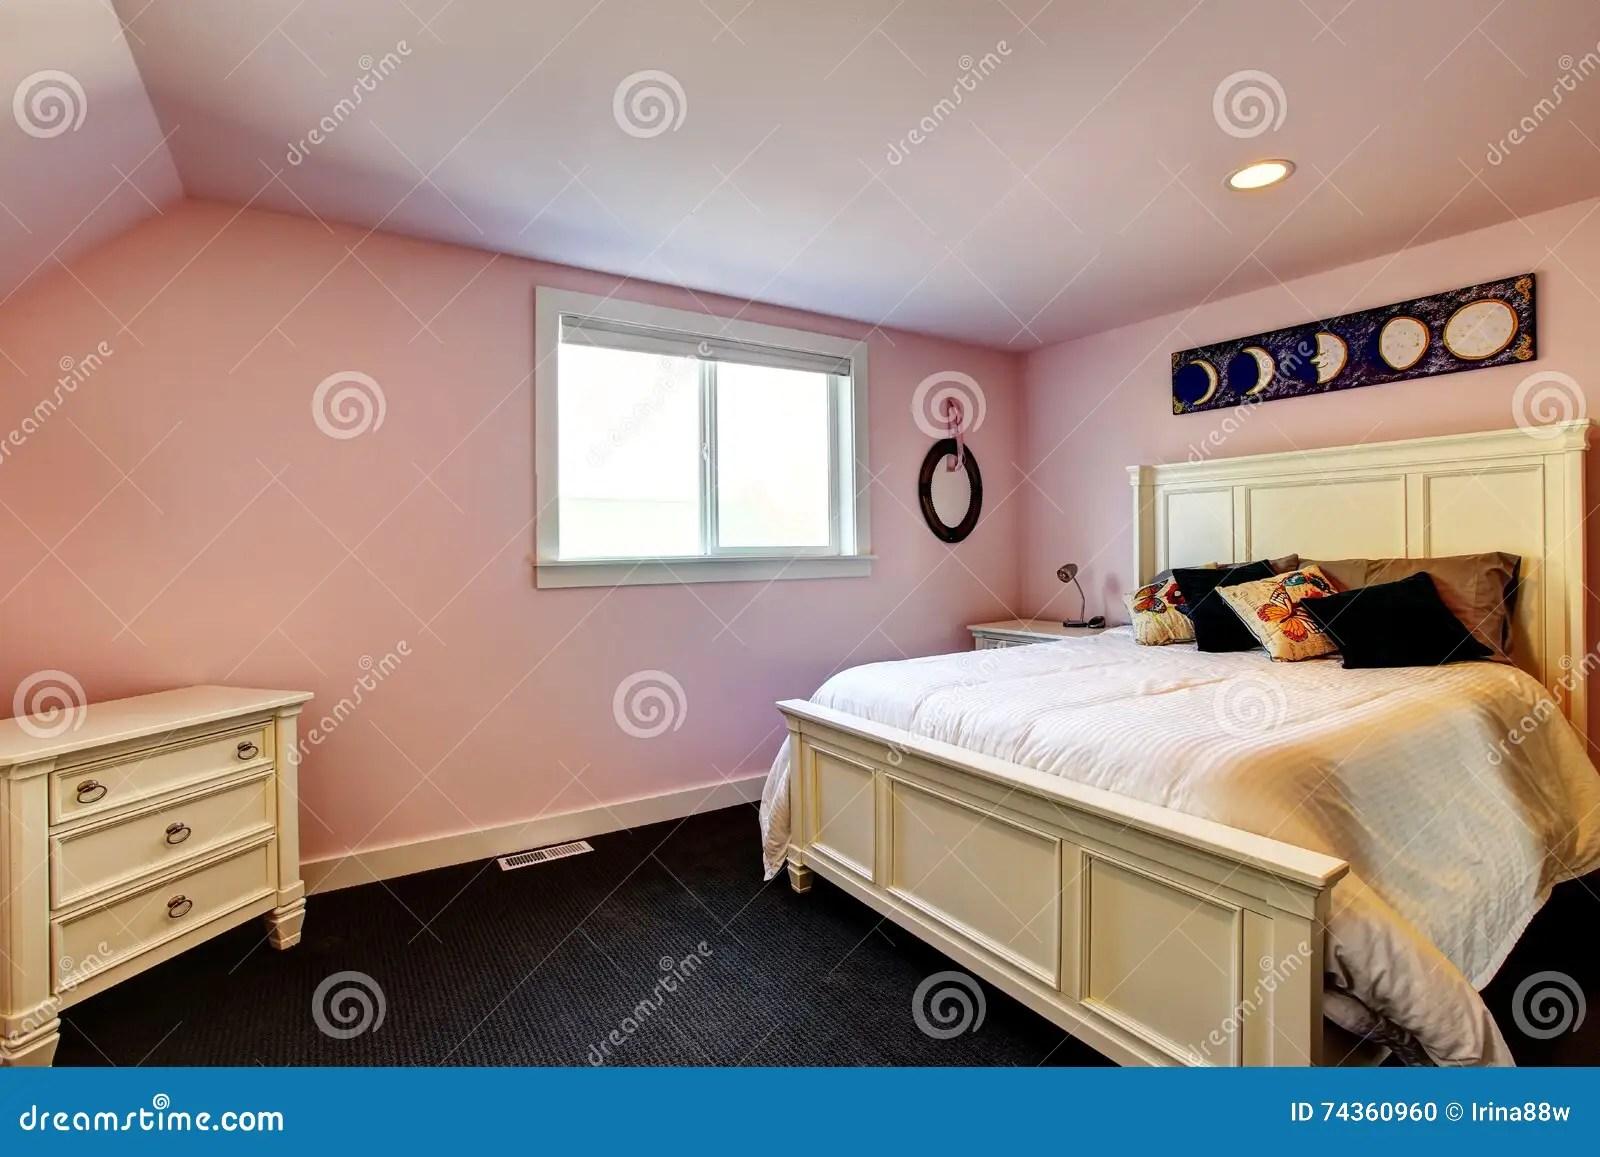 Camera Da Letto Con Pareti Rosa : Camera da letto pareti rosa: camera da letto rosa pastello e grigia